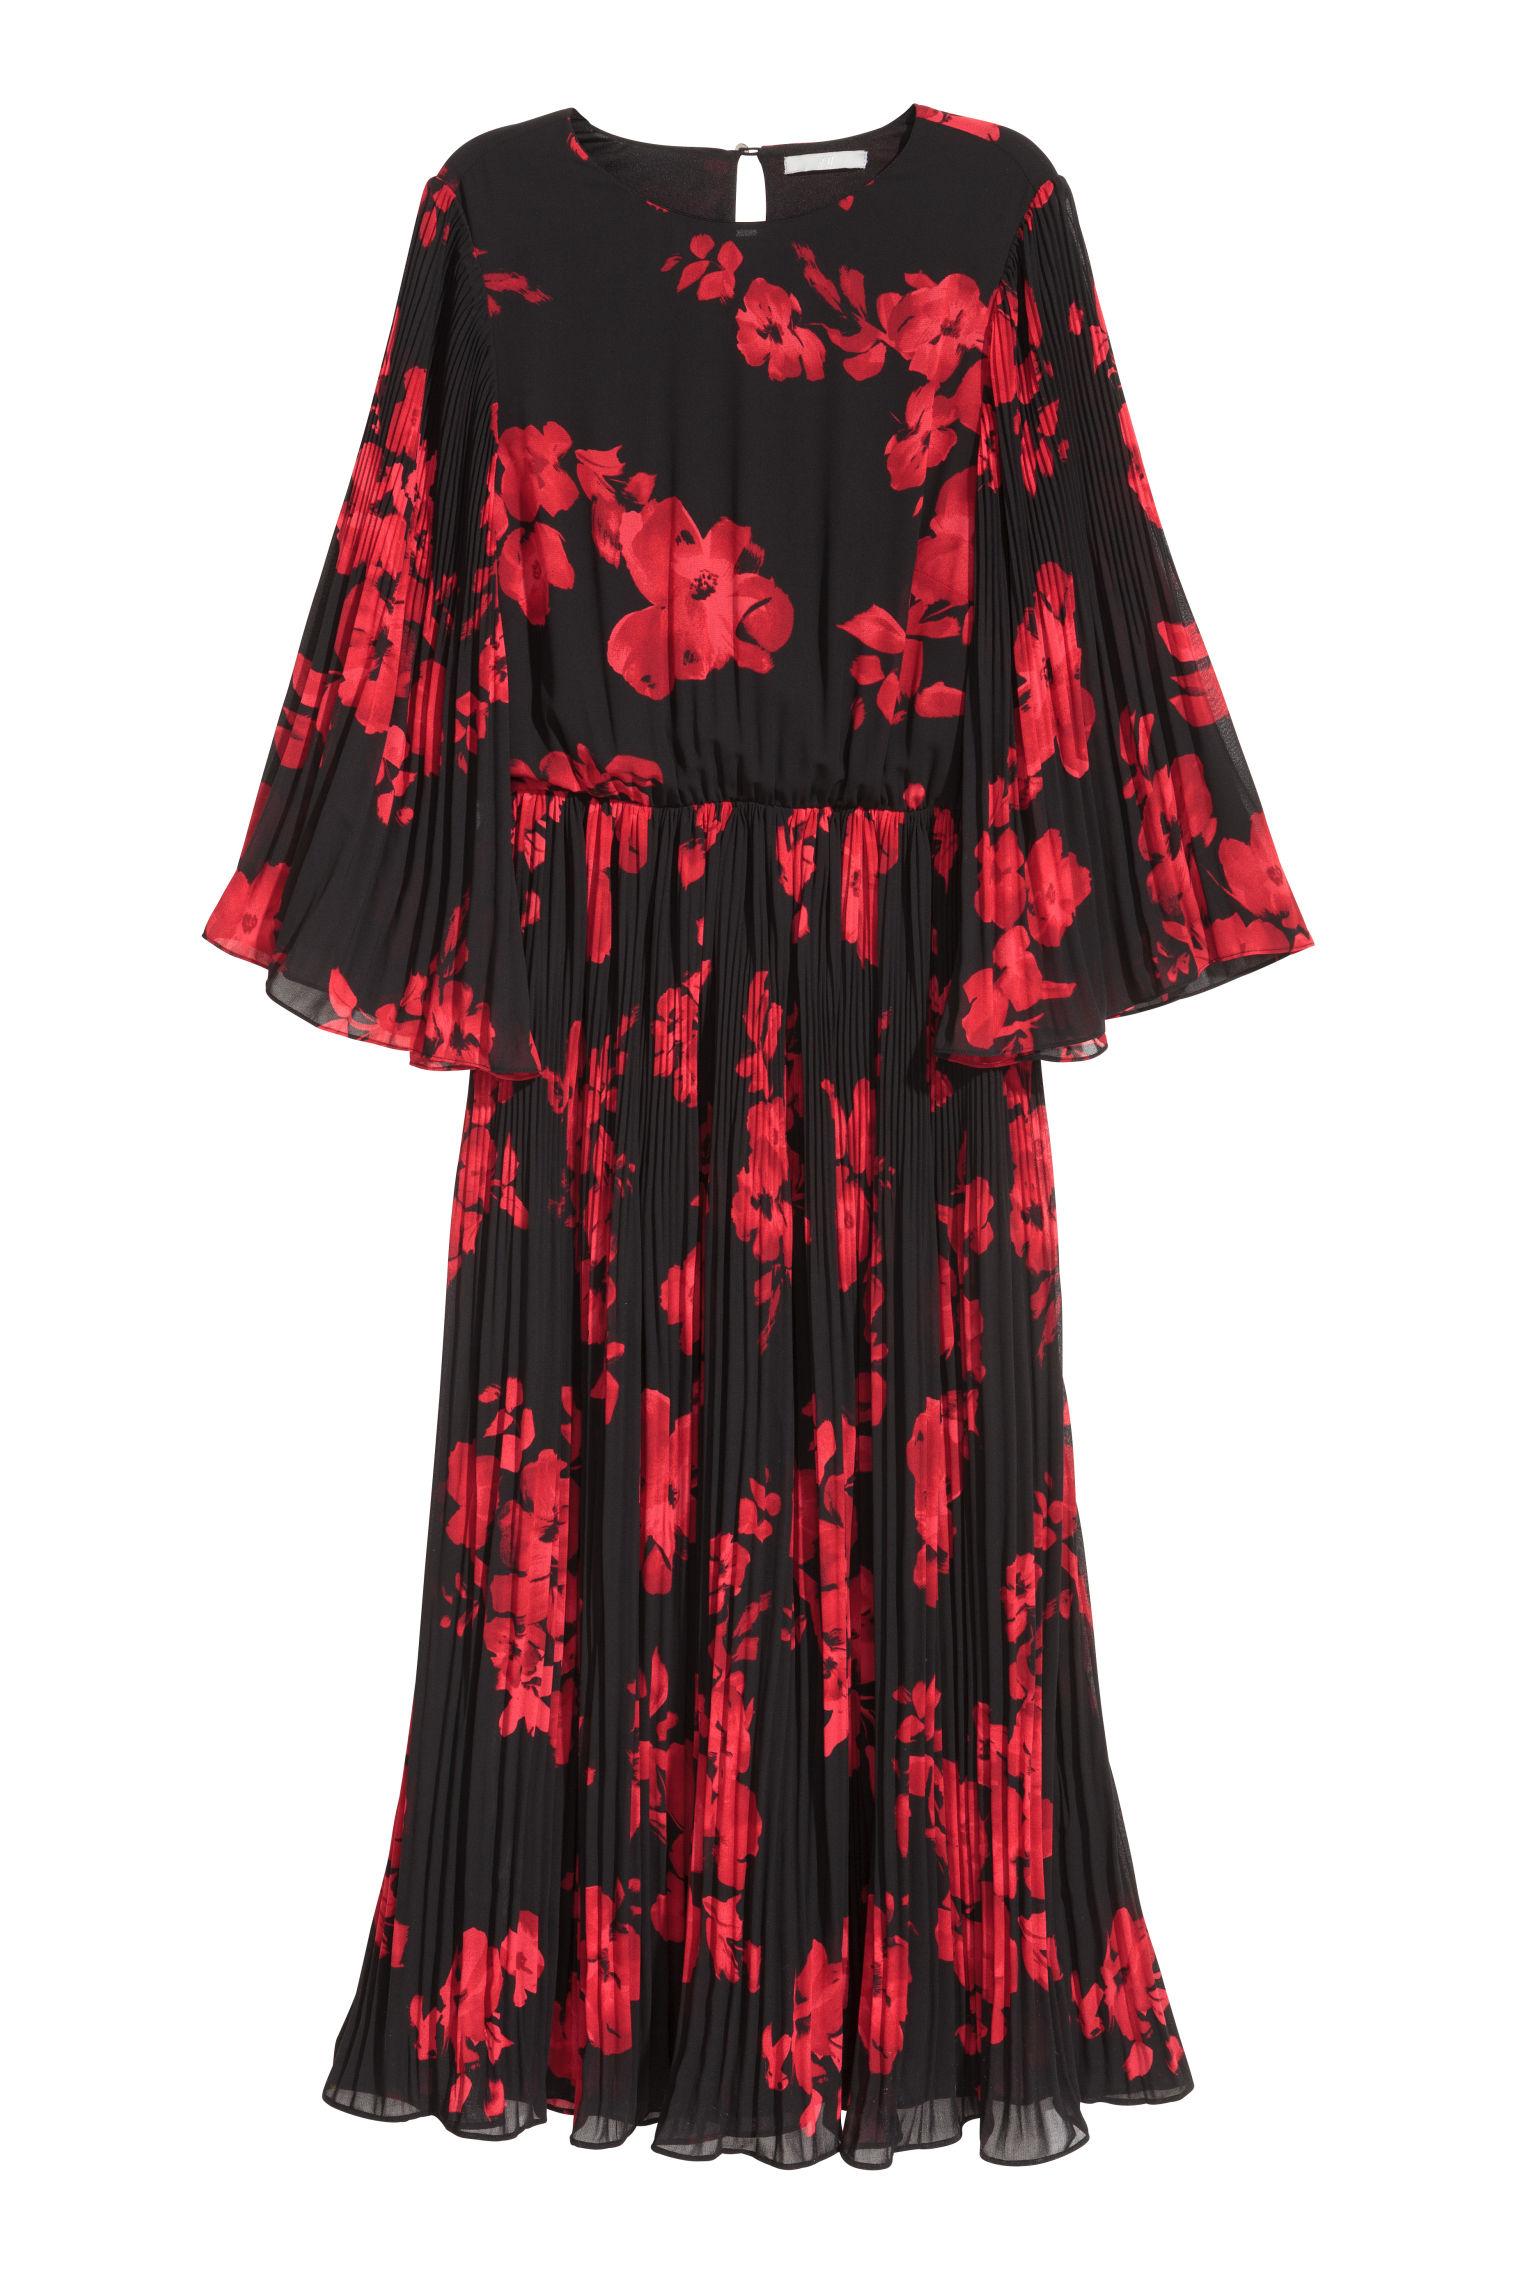 701856a62e czerwono czarna w kategorii Moda New Look H M w Oficjalnym Archiwum Allegro  - Strona 2 - archiwum ofert